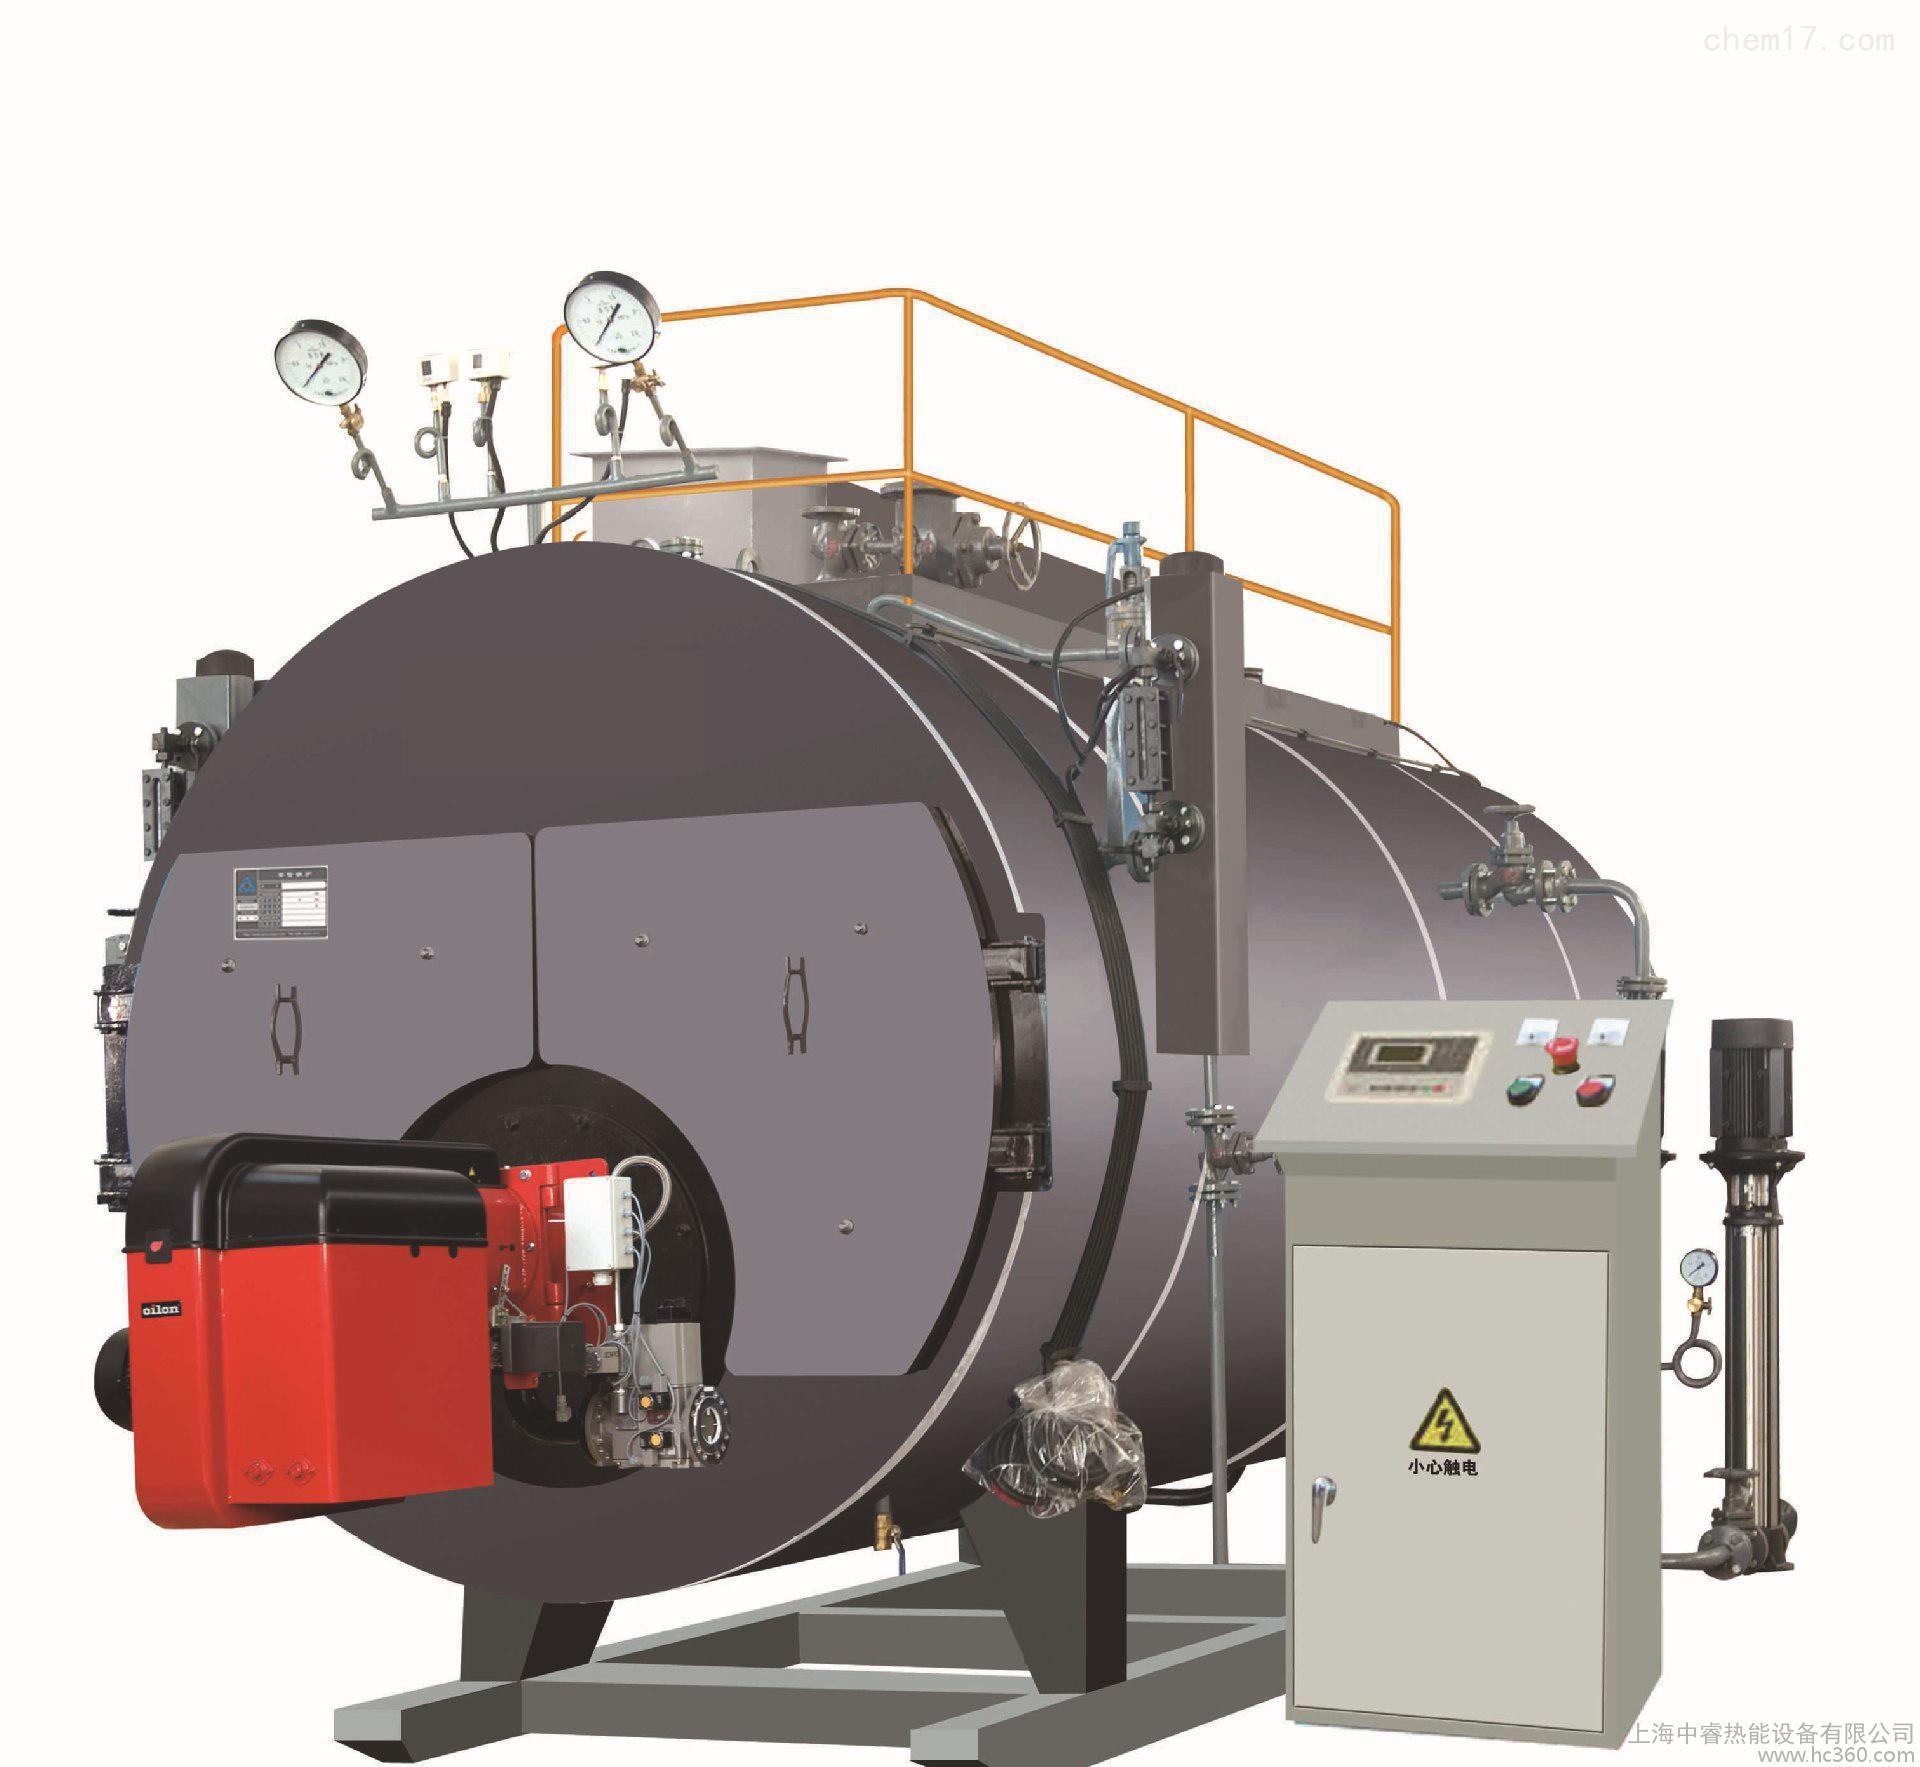 河北廊坊1吨环保锅炉1吨蒸汽锅炉1吨燃气锅炉价格1吨低氮锅炉厂家